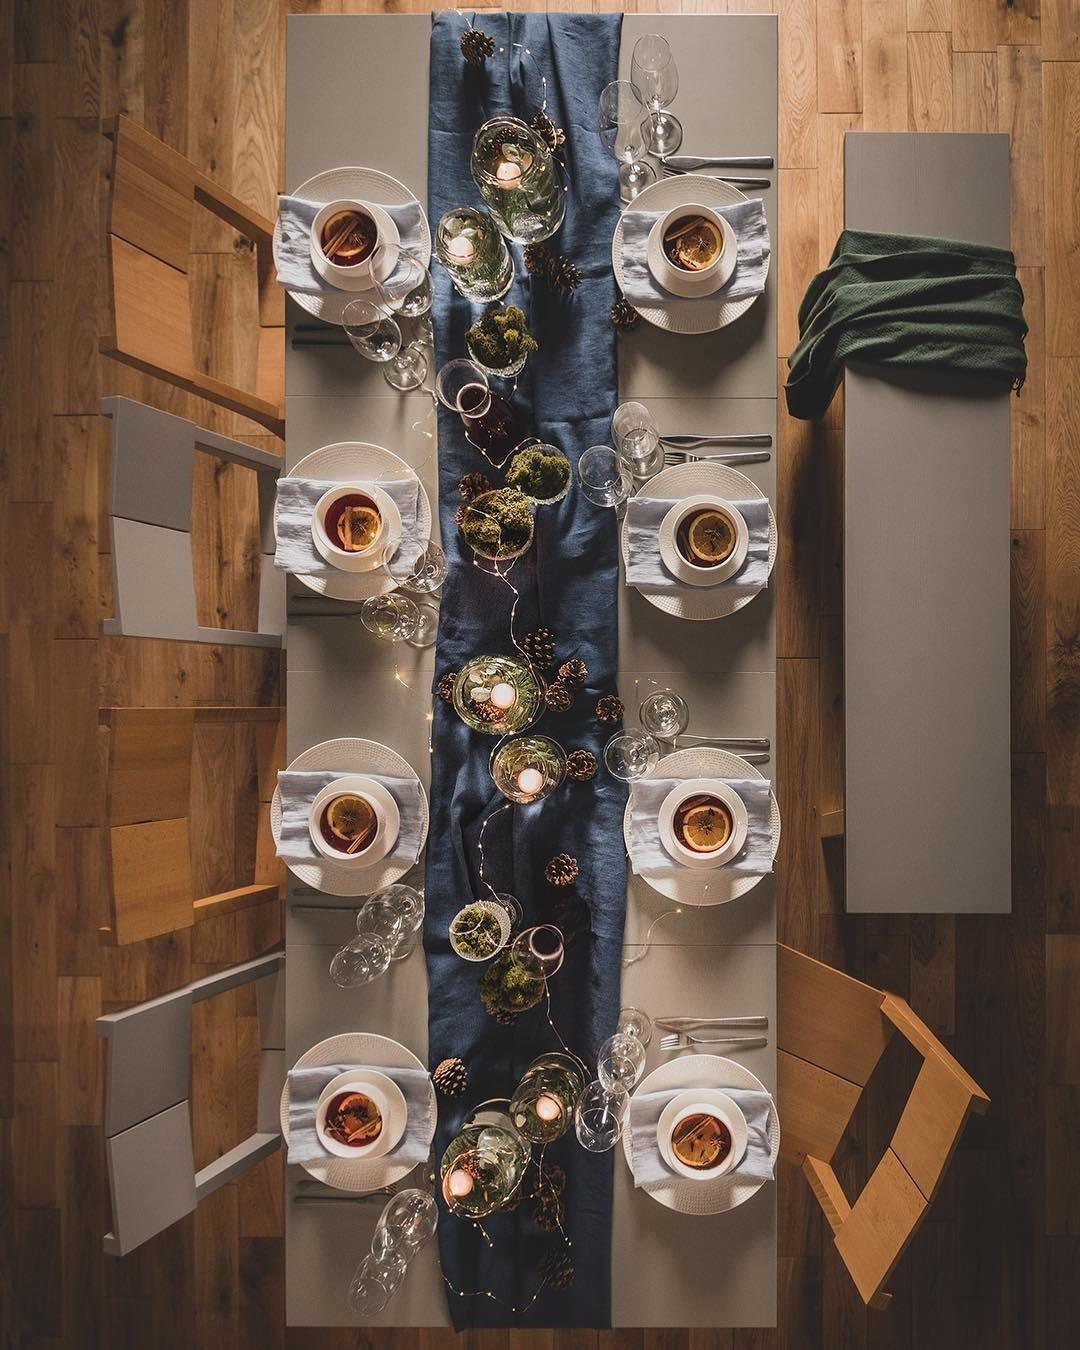 Дорожку можно выбрать любого цвета, дополнить ее гирляндой, шишками и свечами. Романтическое настроение обеспечено.